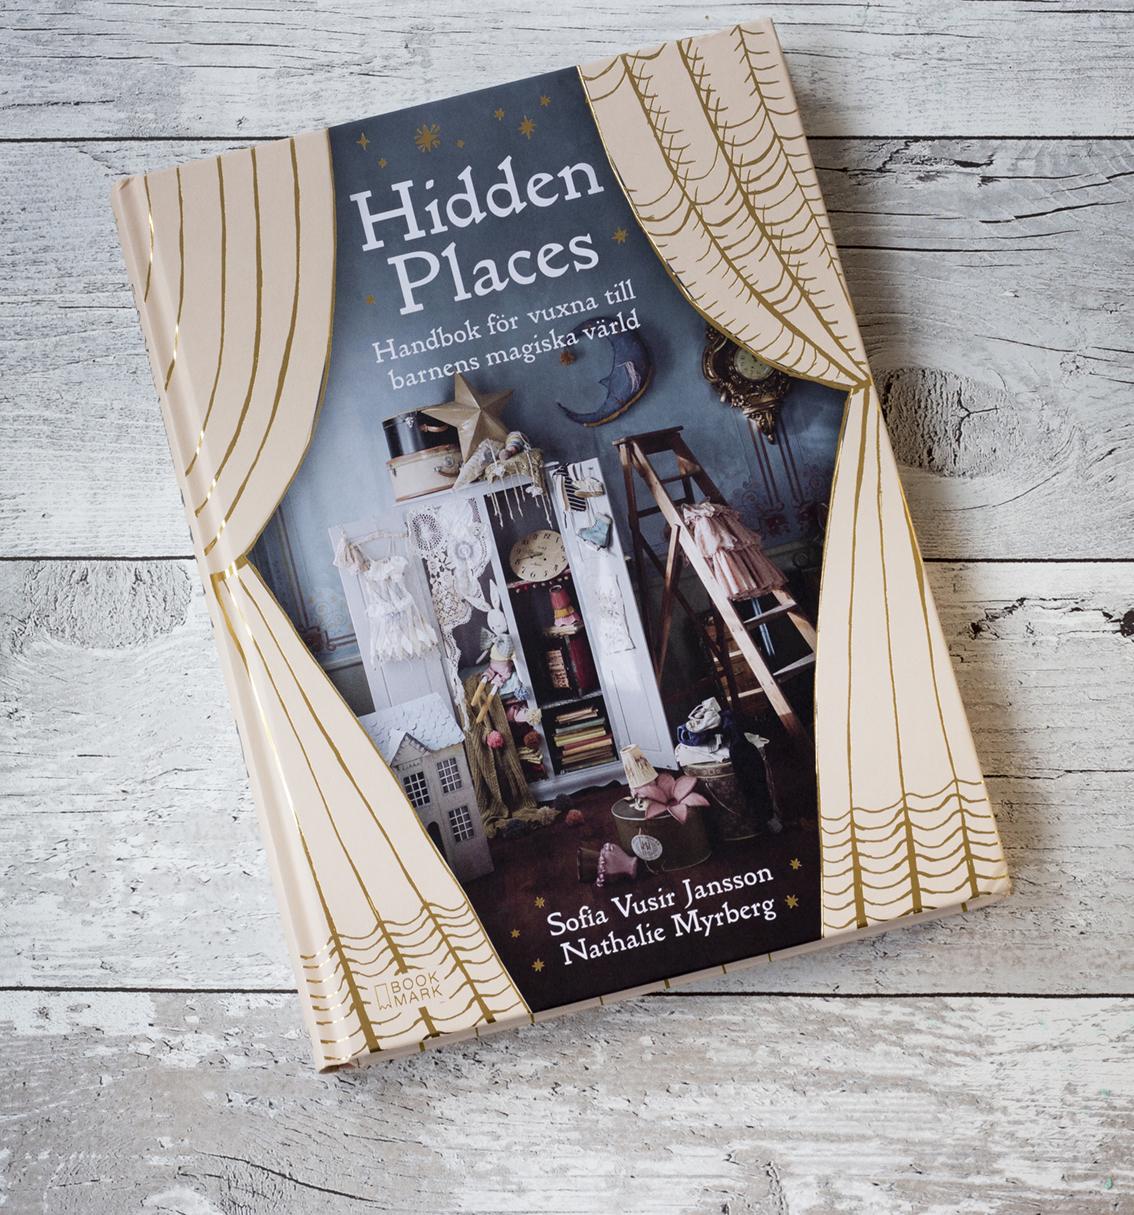 Hidden Places | Pysselbolaget